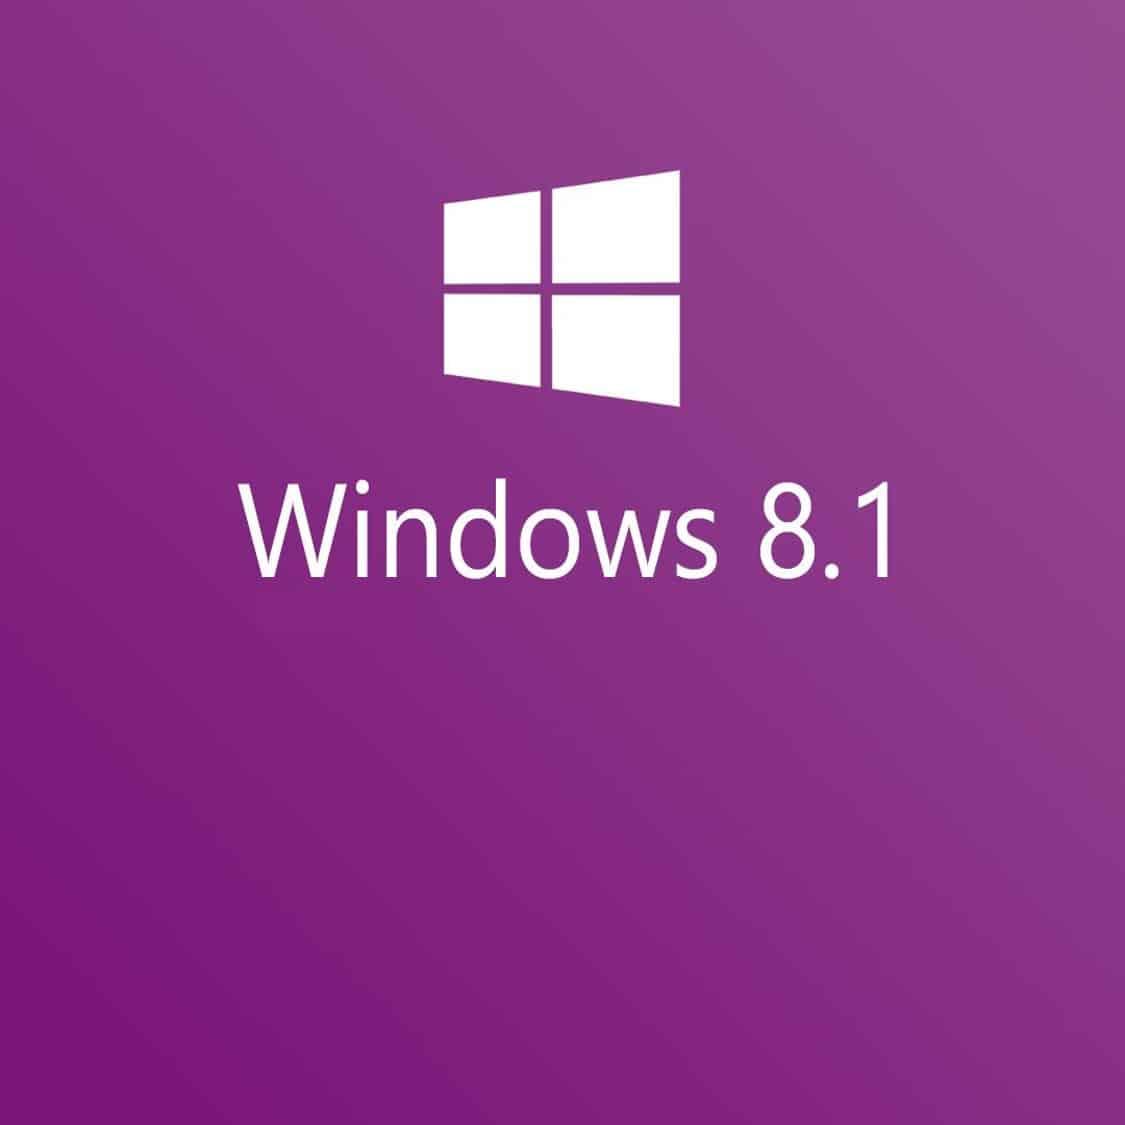 מדריך התקנת Windows 8.1